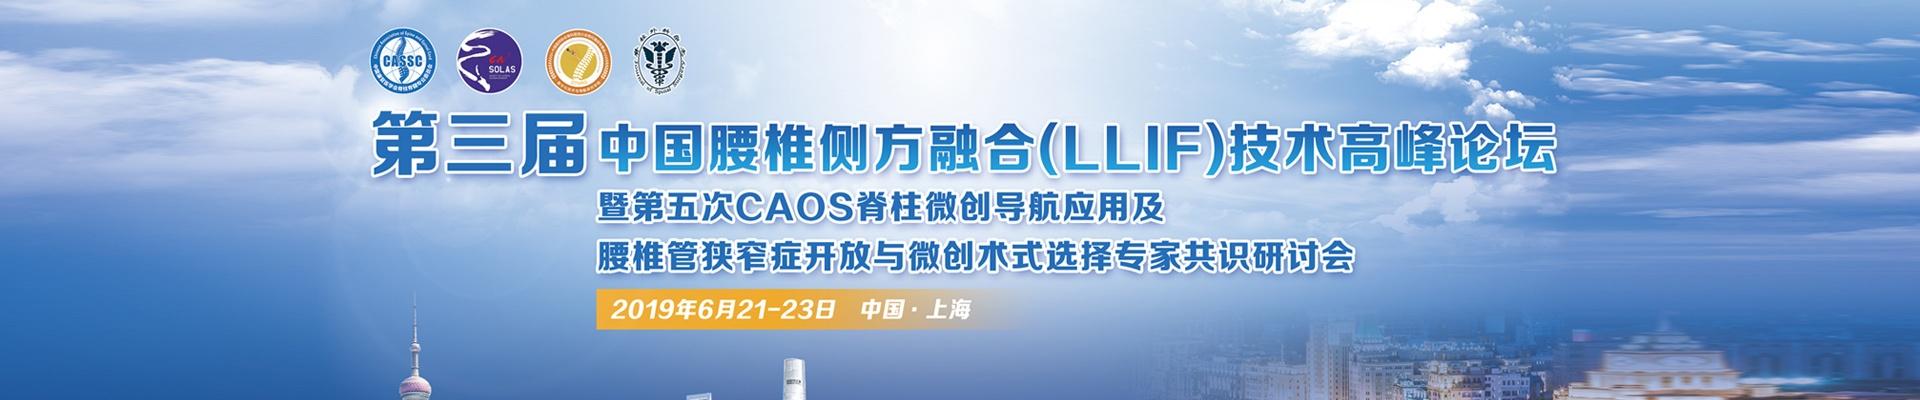 第三屆中國腰椎側方融合(LLIF)技術高峰論壇暨第五次CAOS脊柱微創導航應用及腰椎管狹窄癥開放與微創術式選擇專家共識研討會